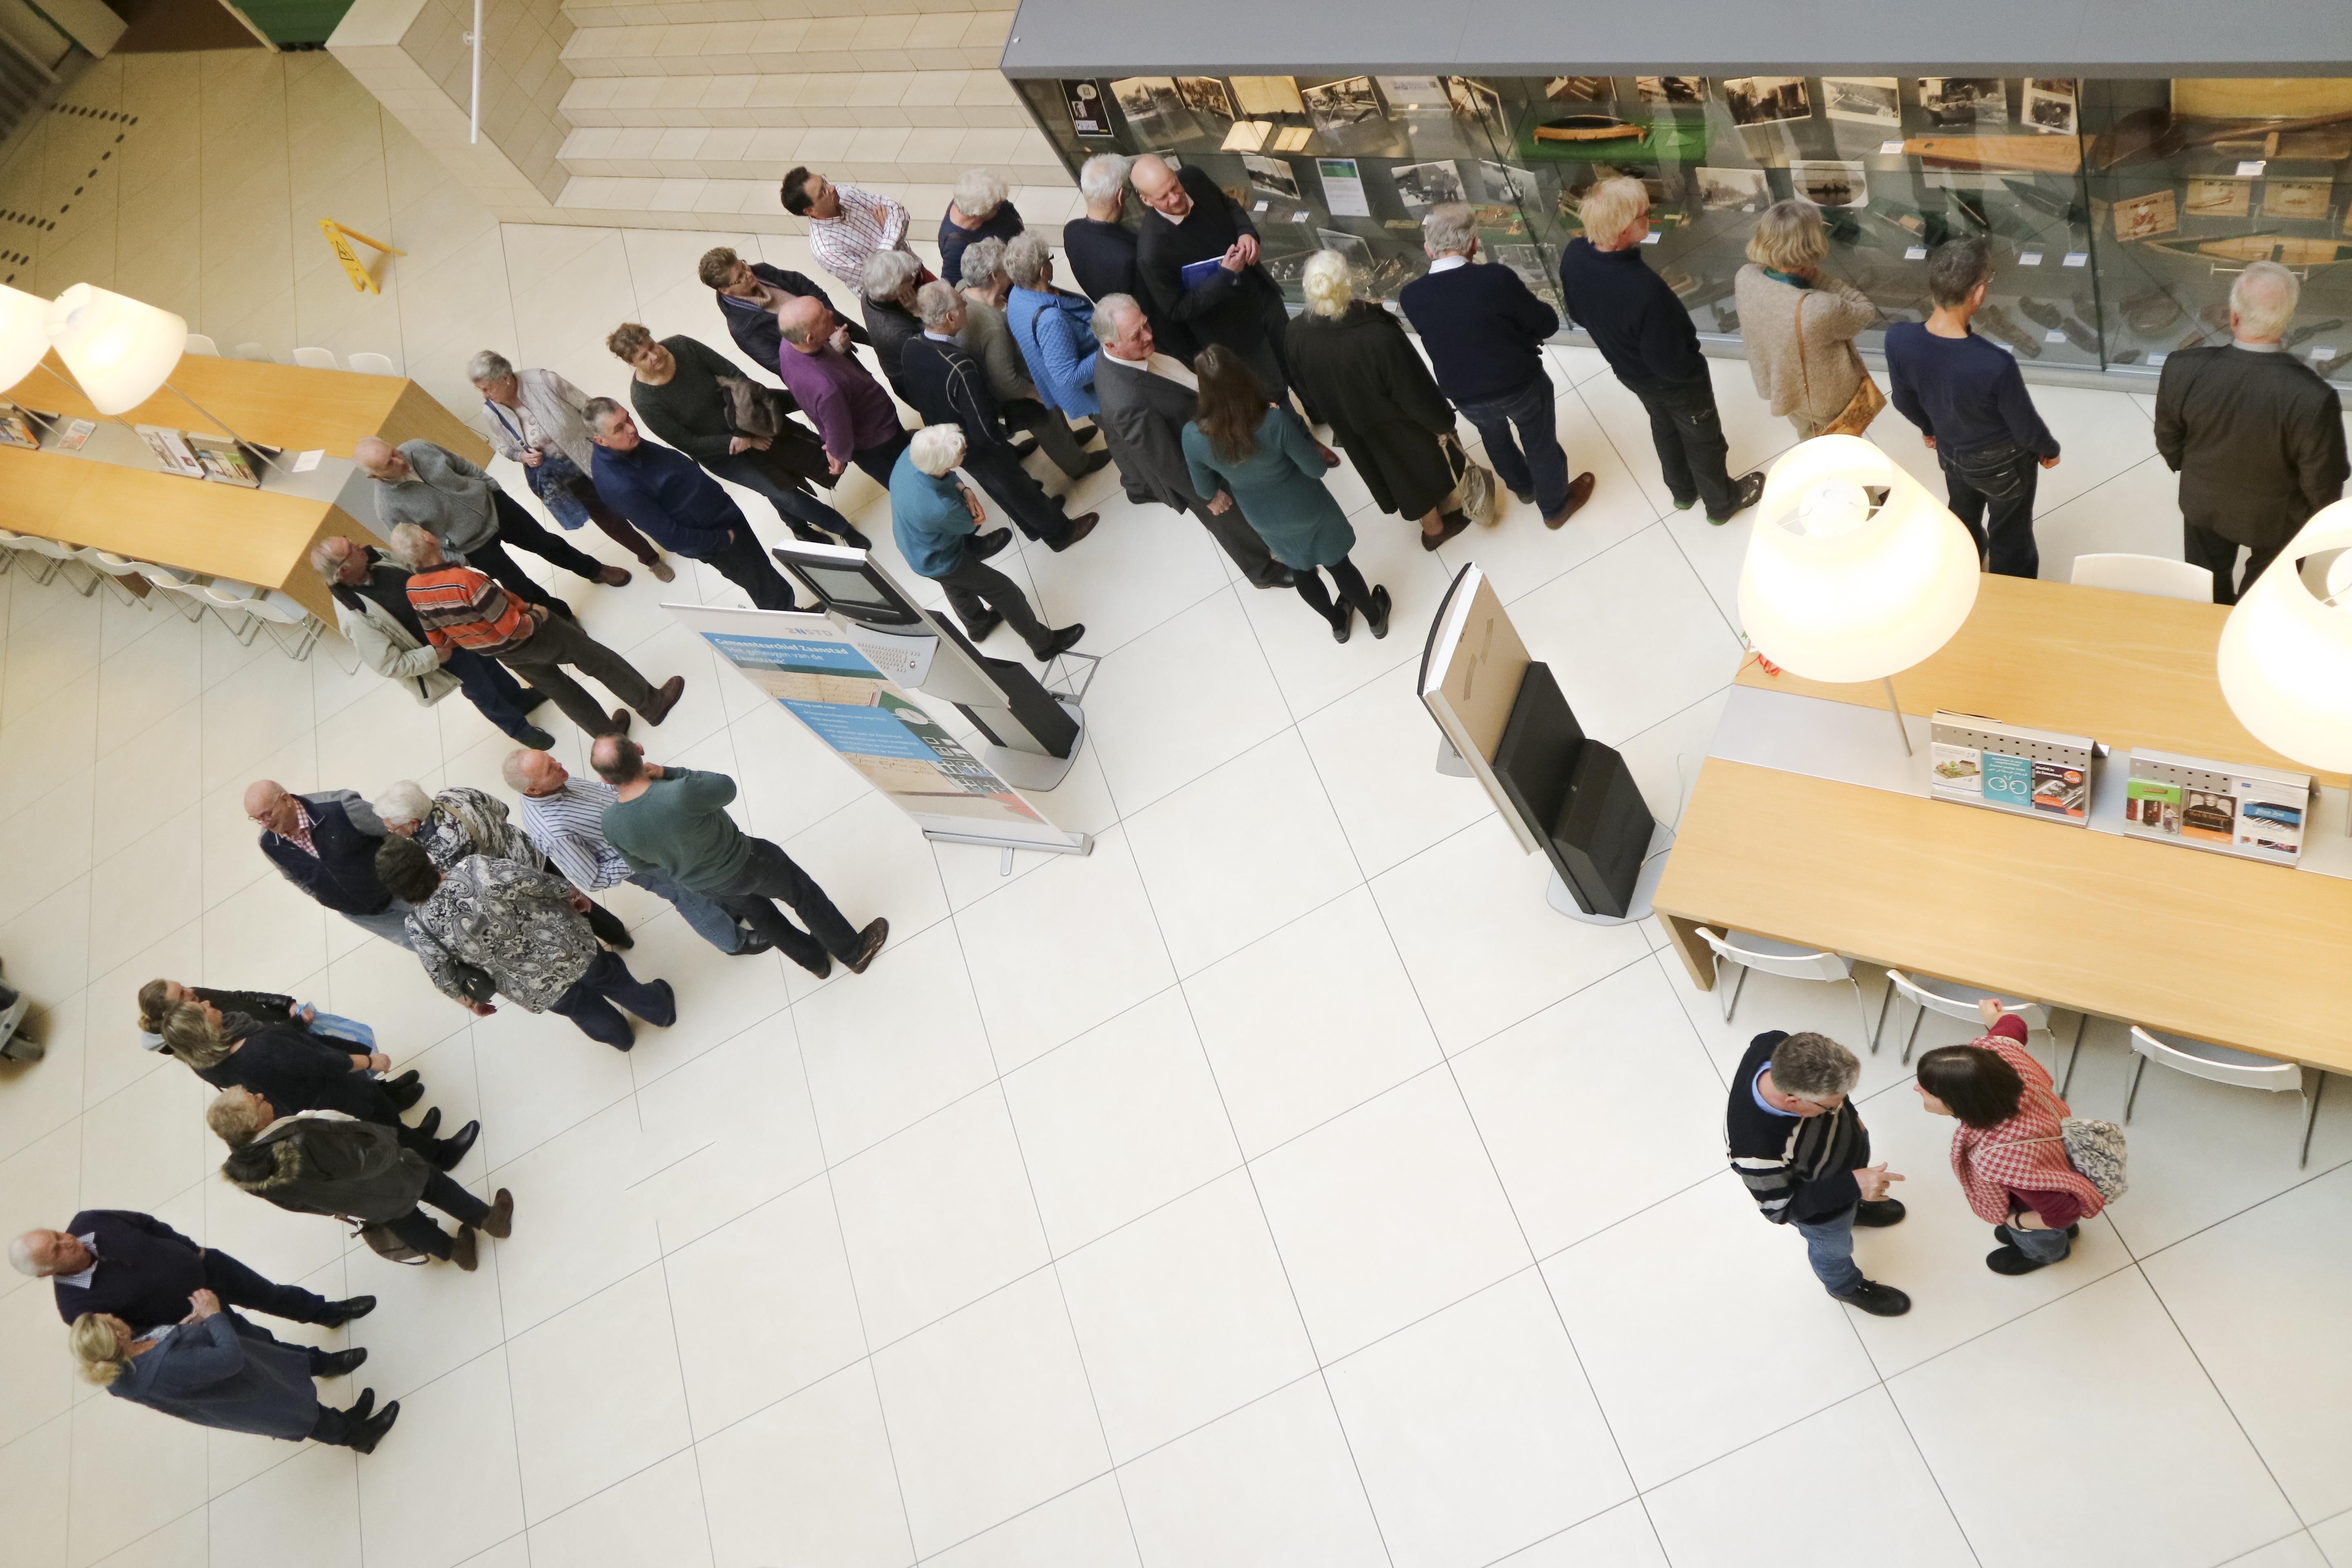 In het stadhuis van Zaanstad is een tentoonstelling over Oostzaanse jollen te zien. (Foto: aangeleverd)